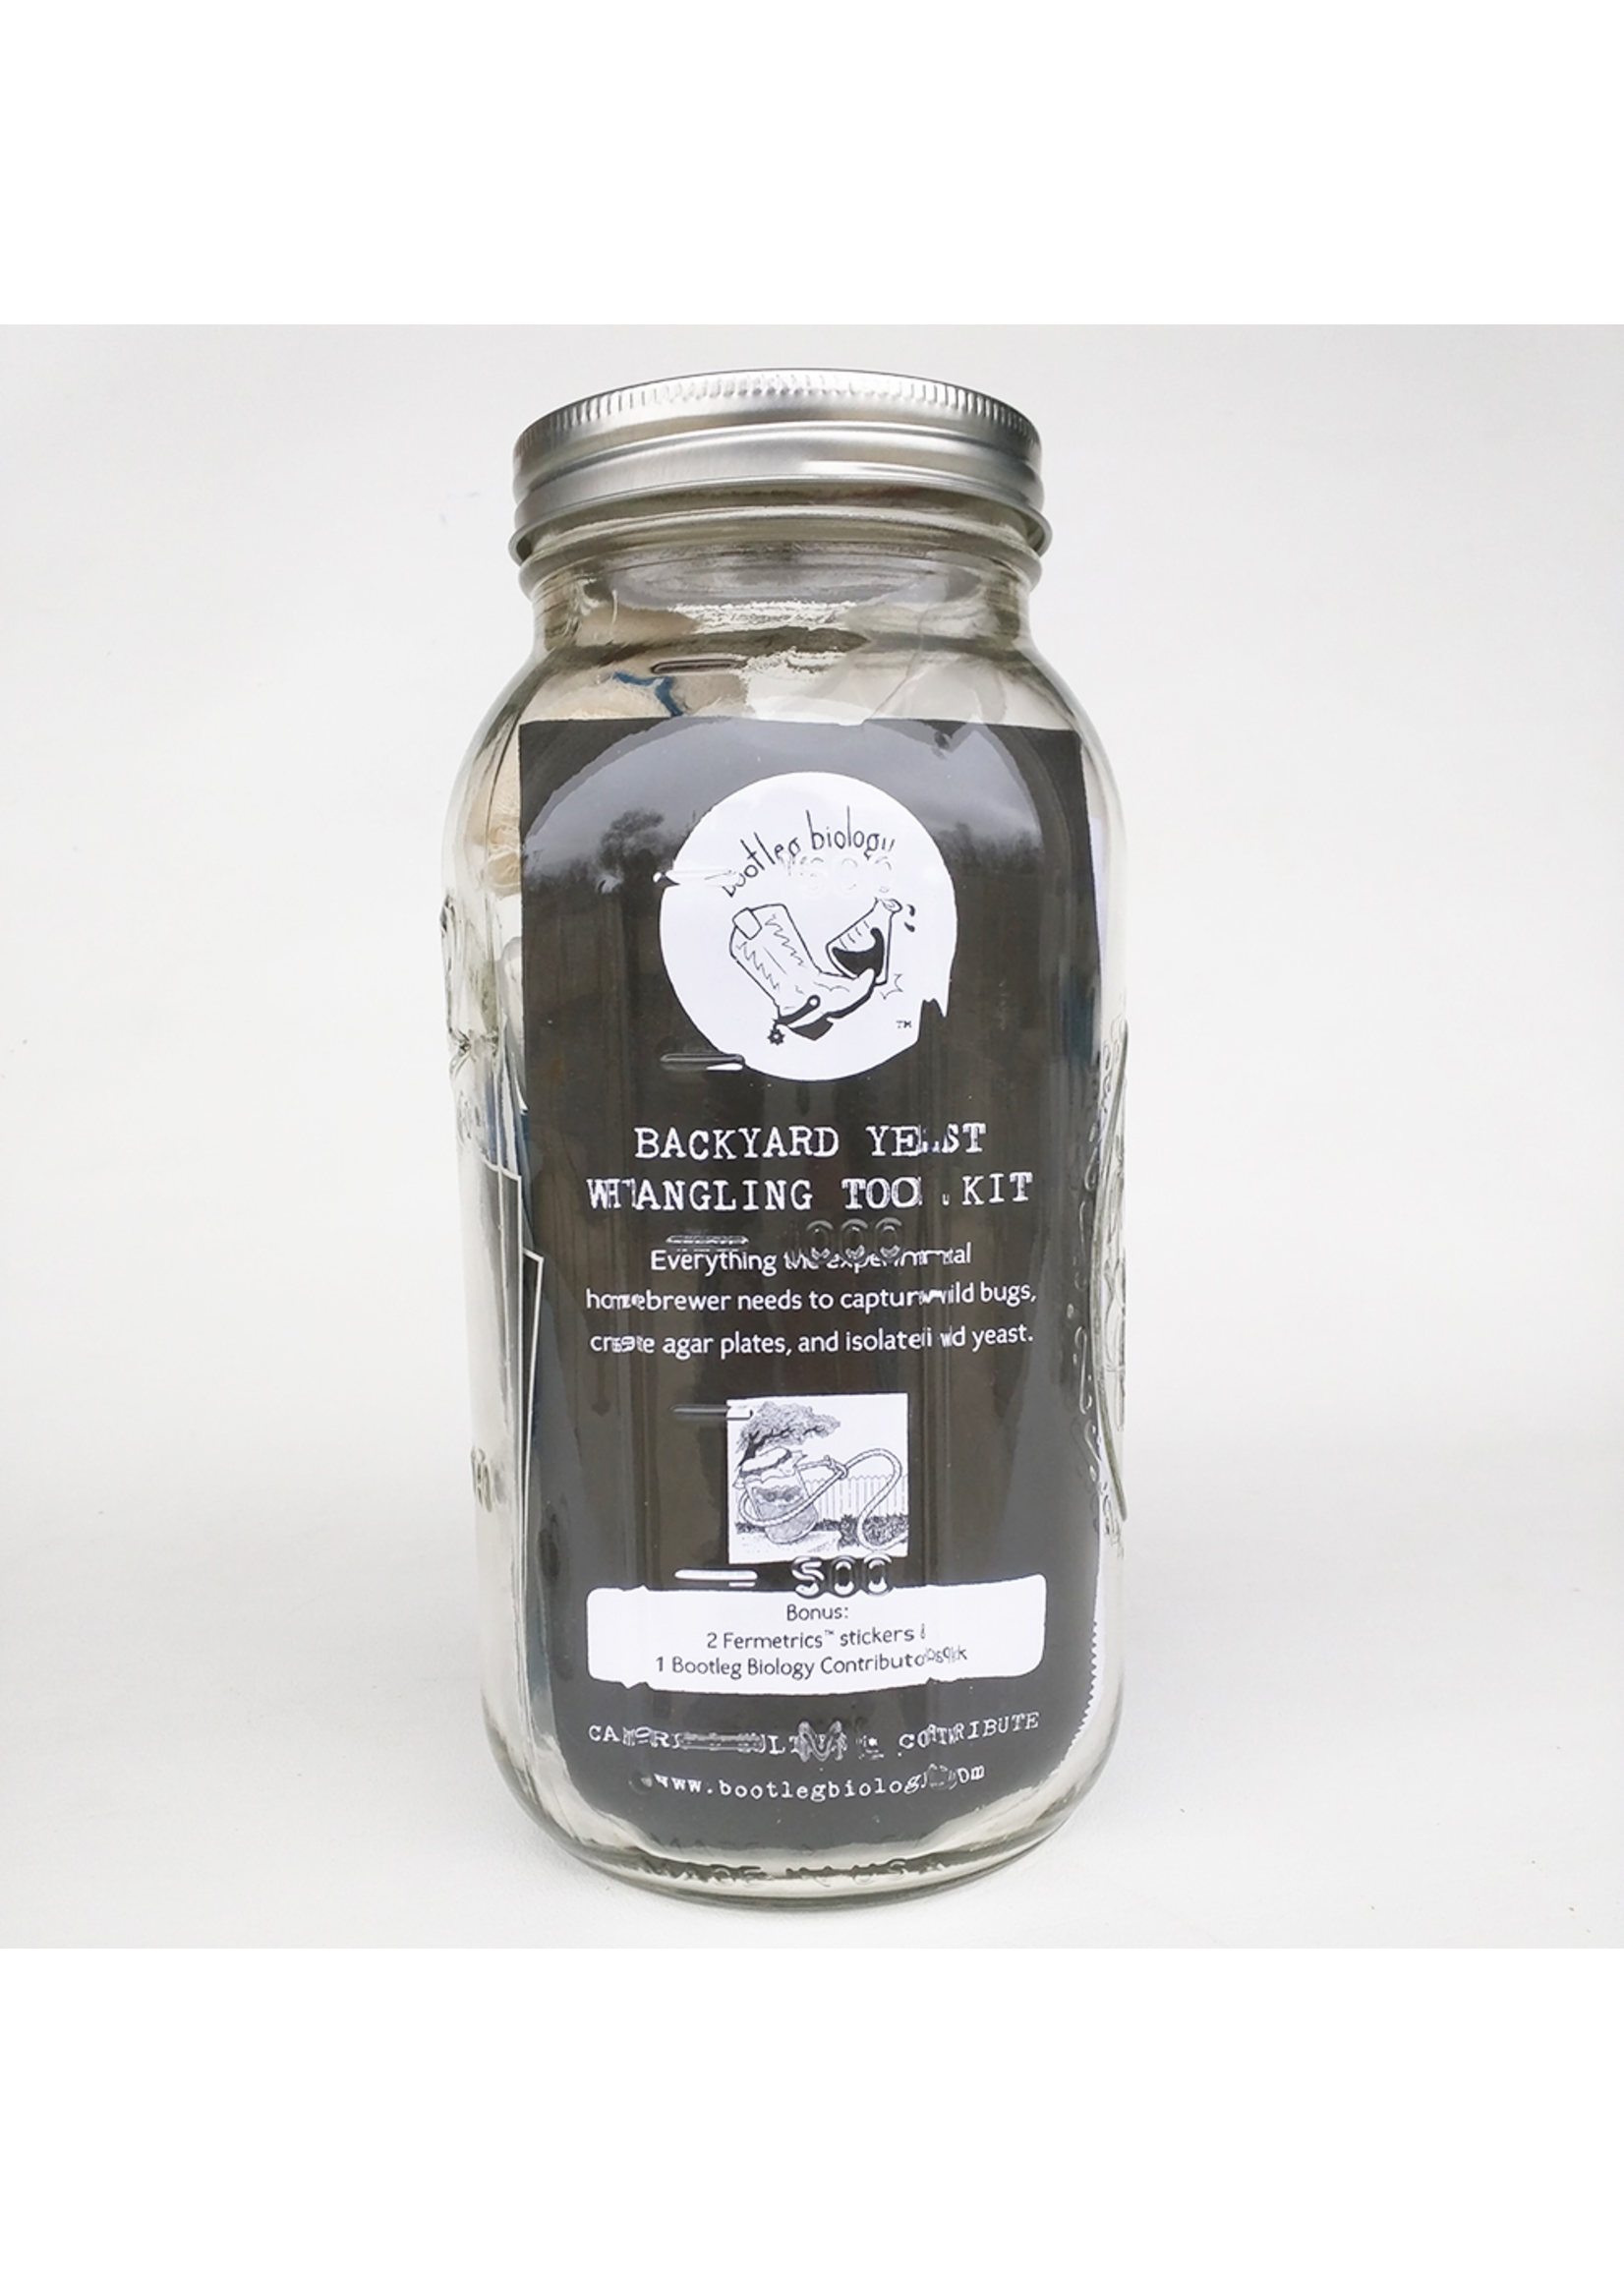 Yeast Bootleg Biology Backyard Yeast Wrangling Tool Kit